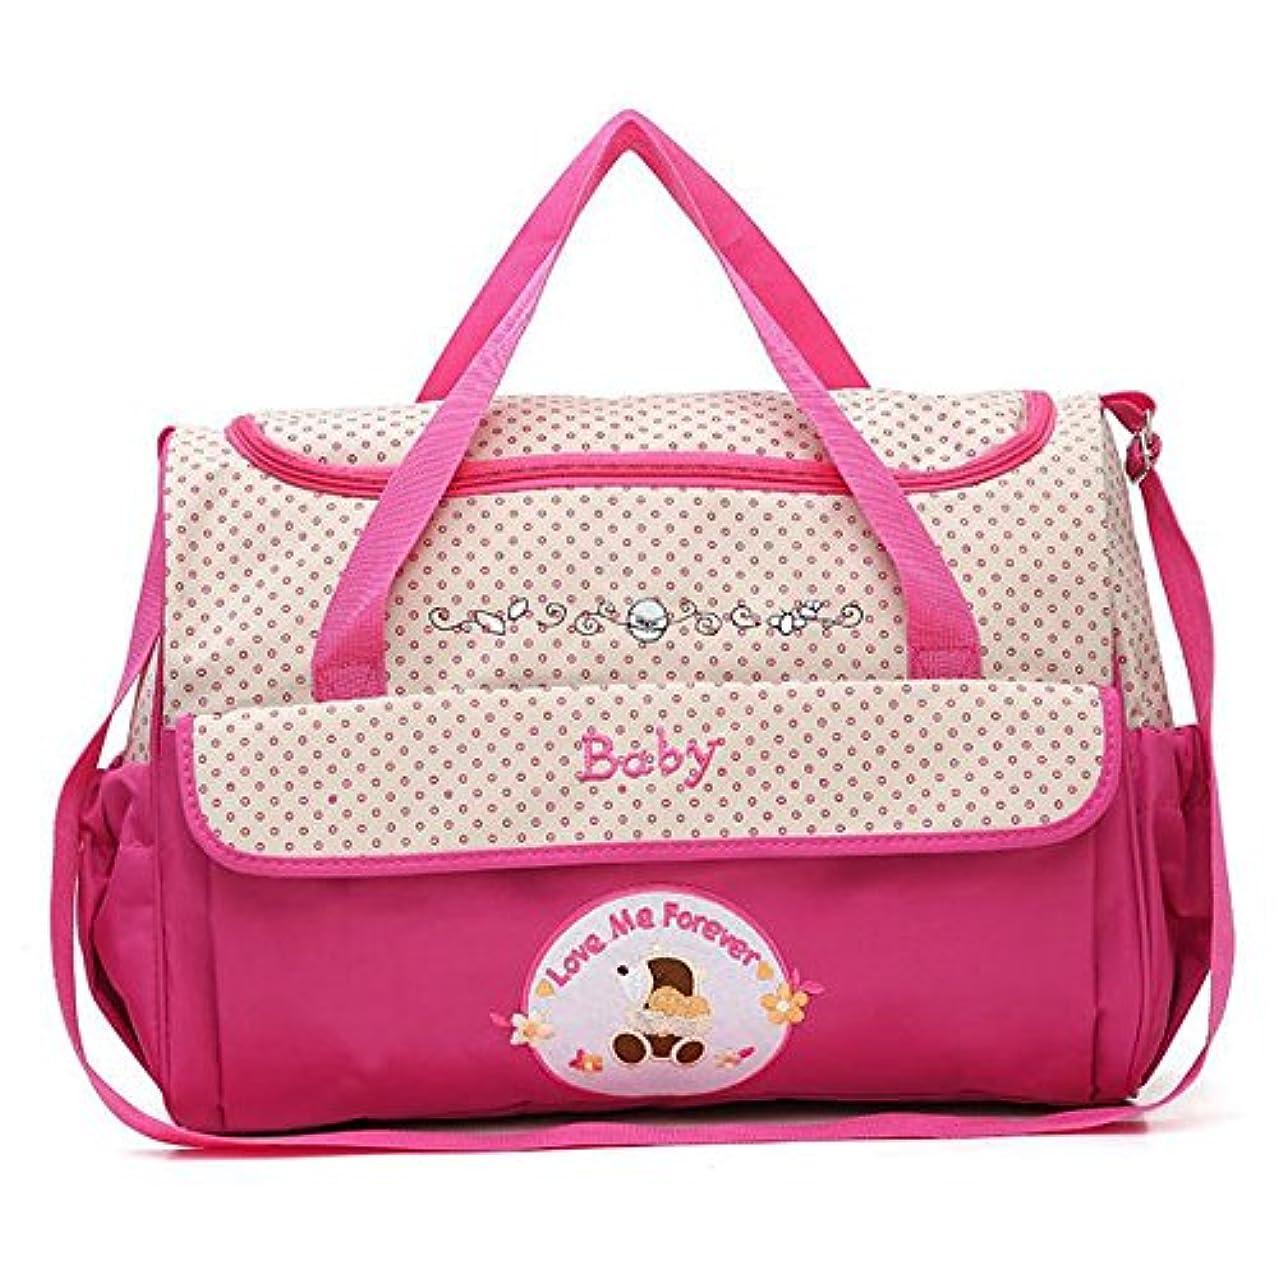 鍔落ちた二次ベビーおむつバッグトラベルバッグ、防水と絶縁多機能大容量ポータブルストレージバッグ,pink,small